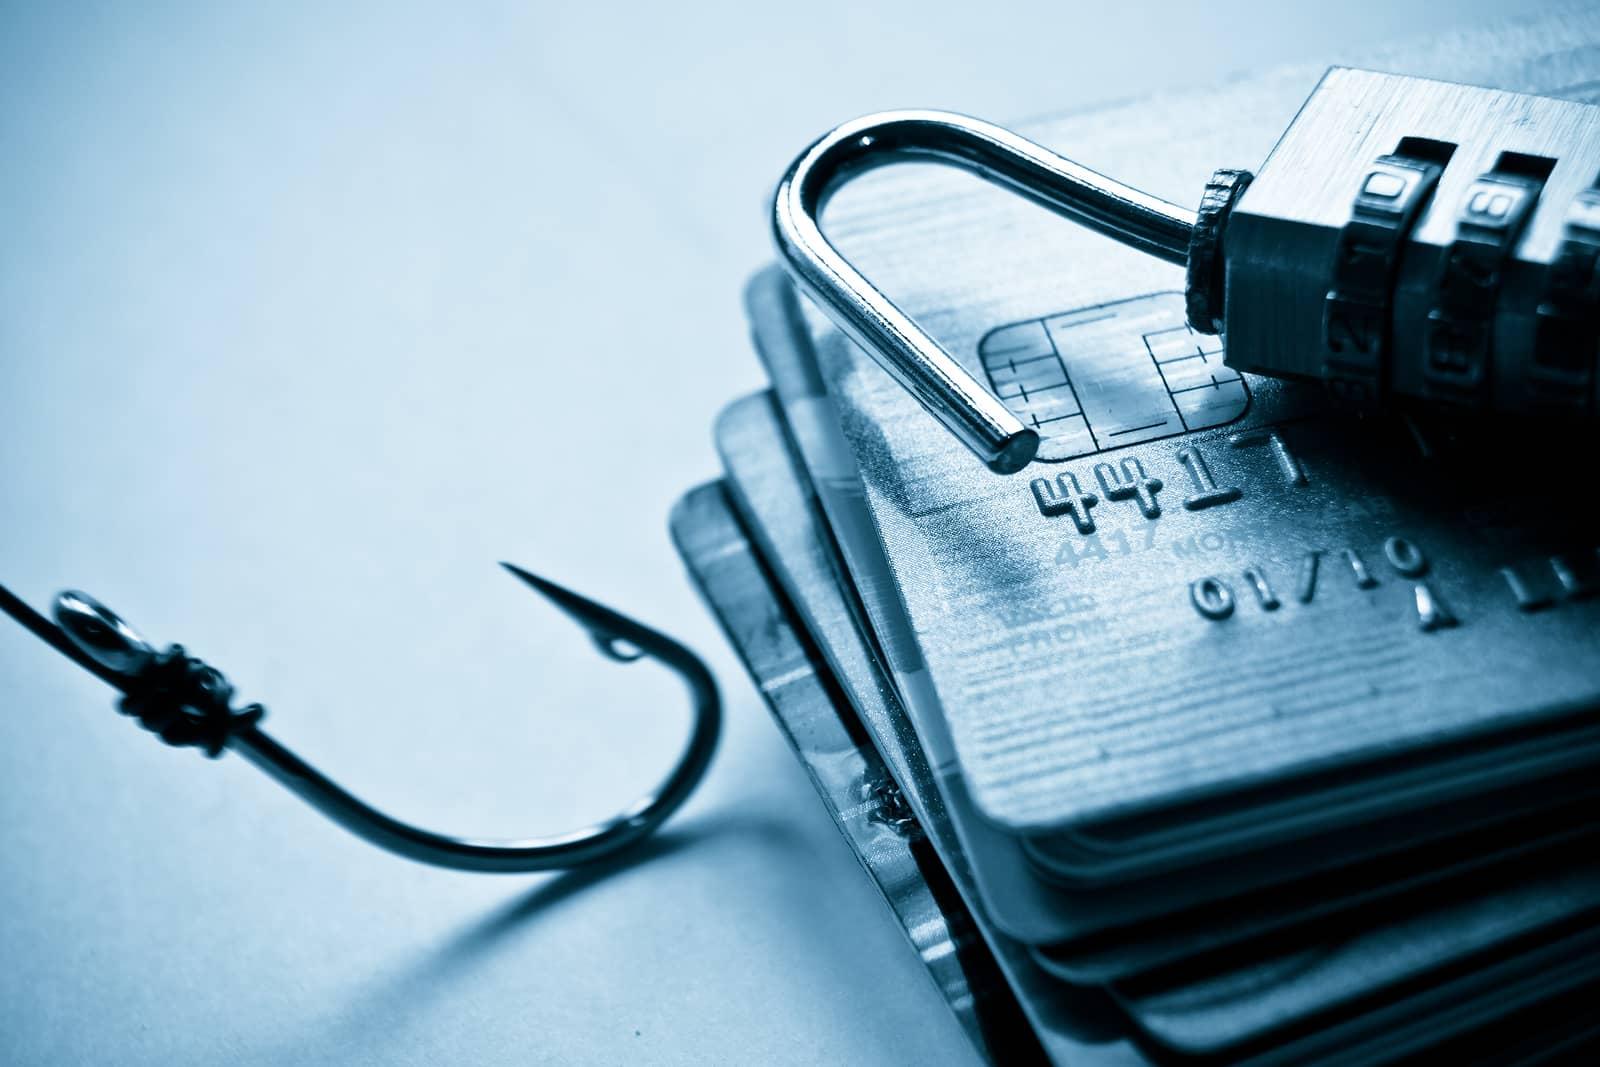 Интернет-мошенники, Мошенники, Банковские карты, Мошенничество, персональные финансы